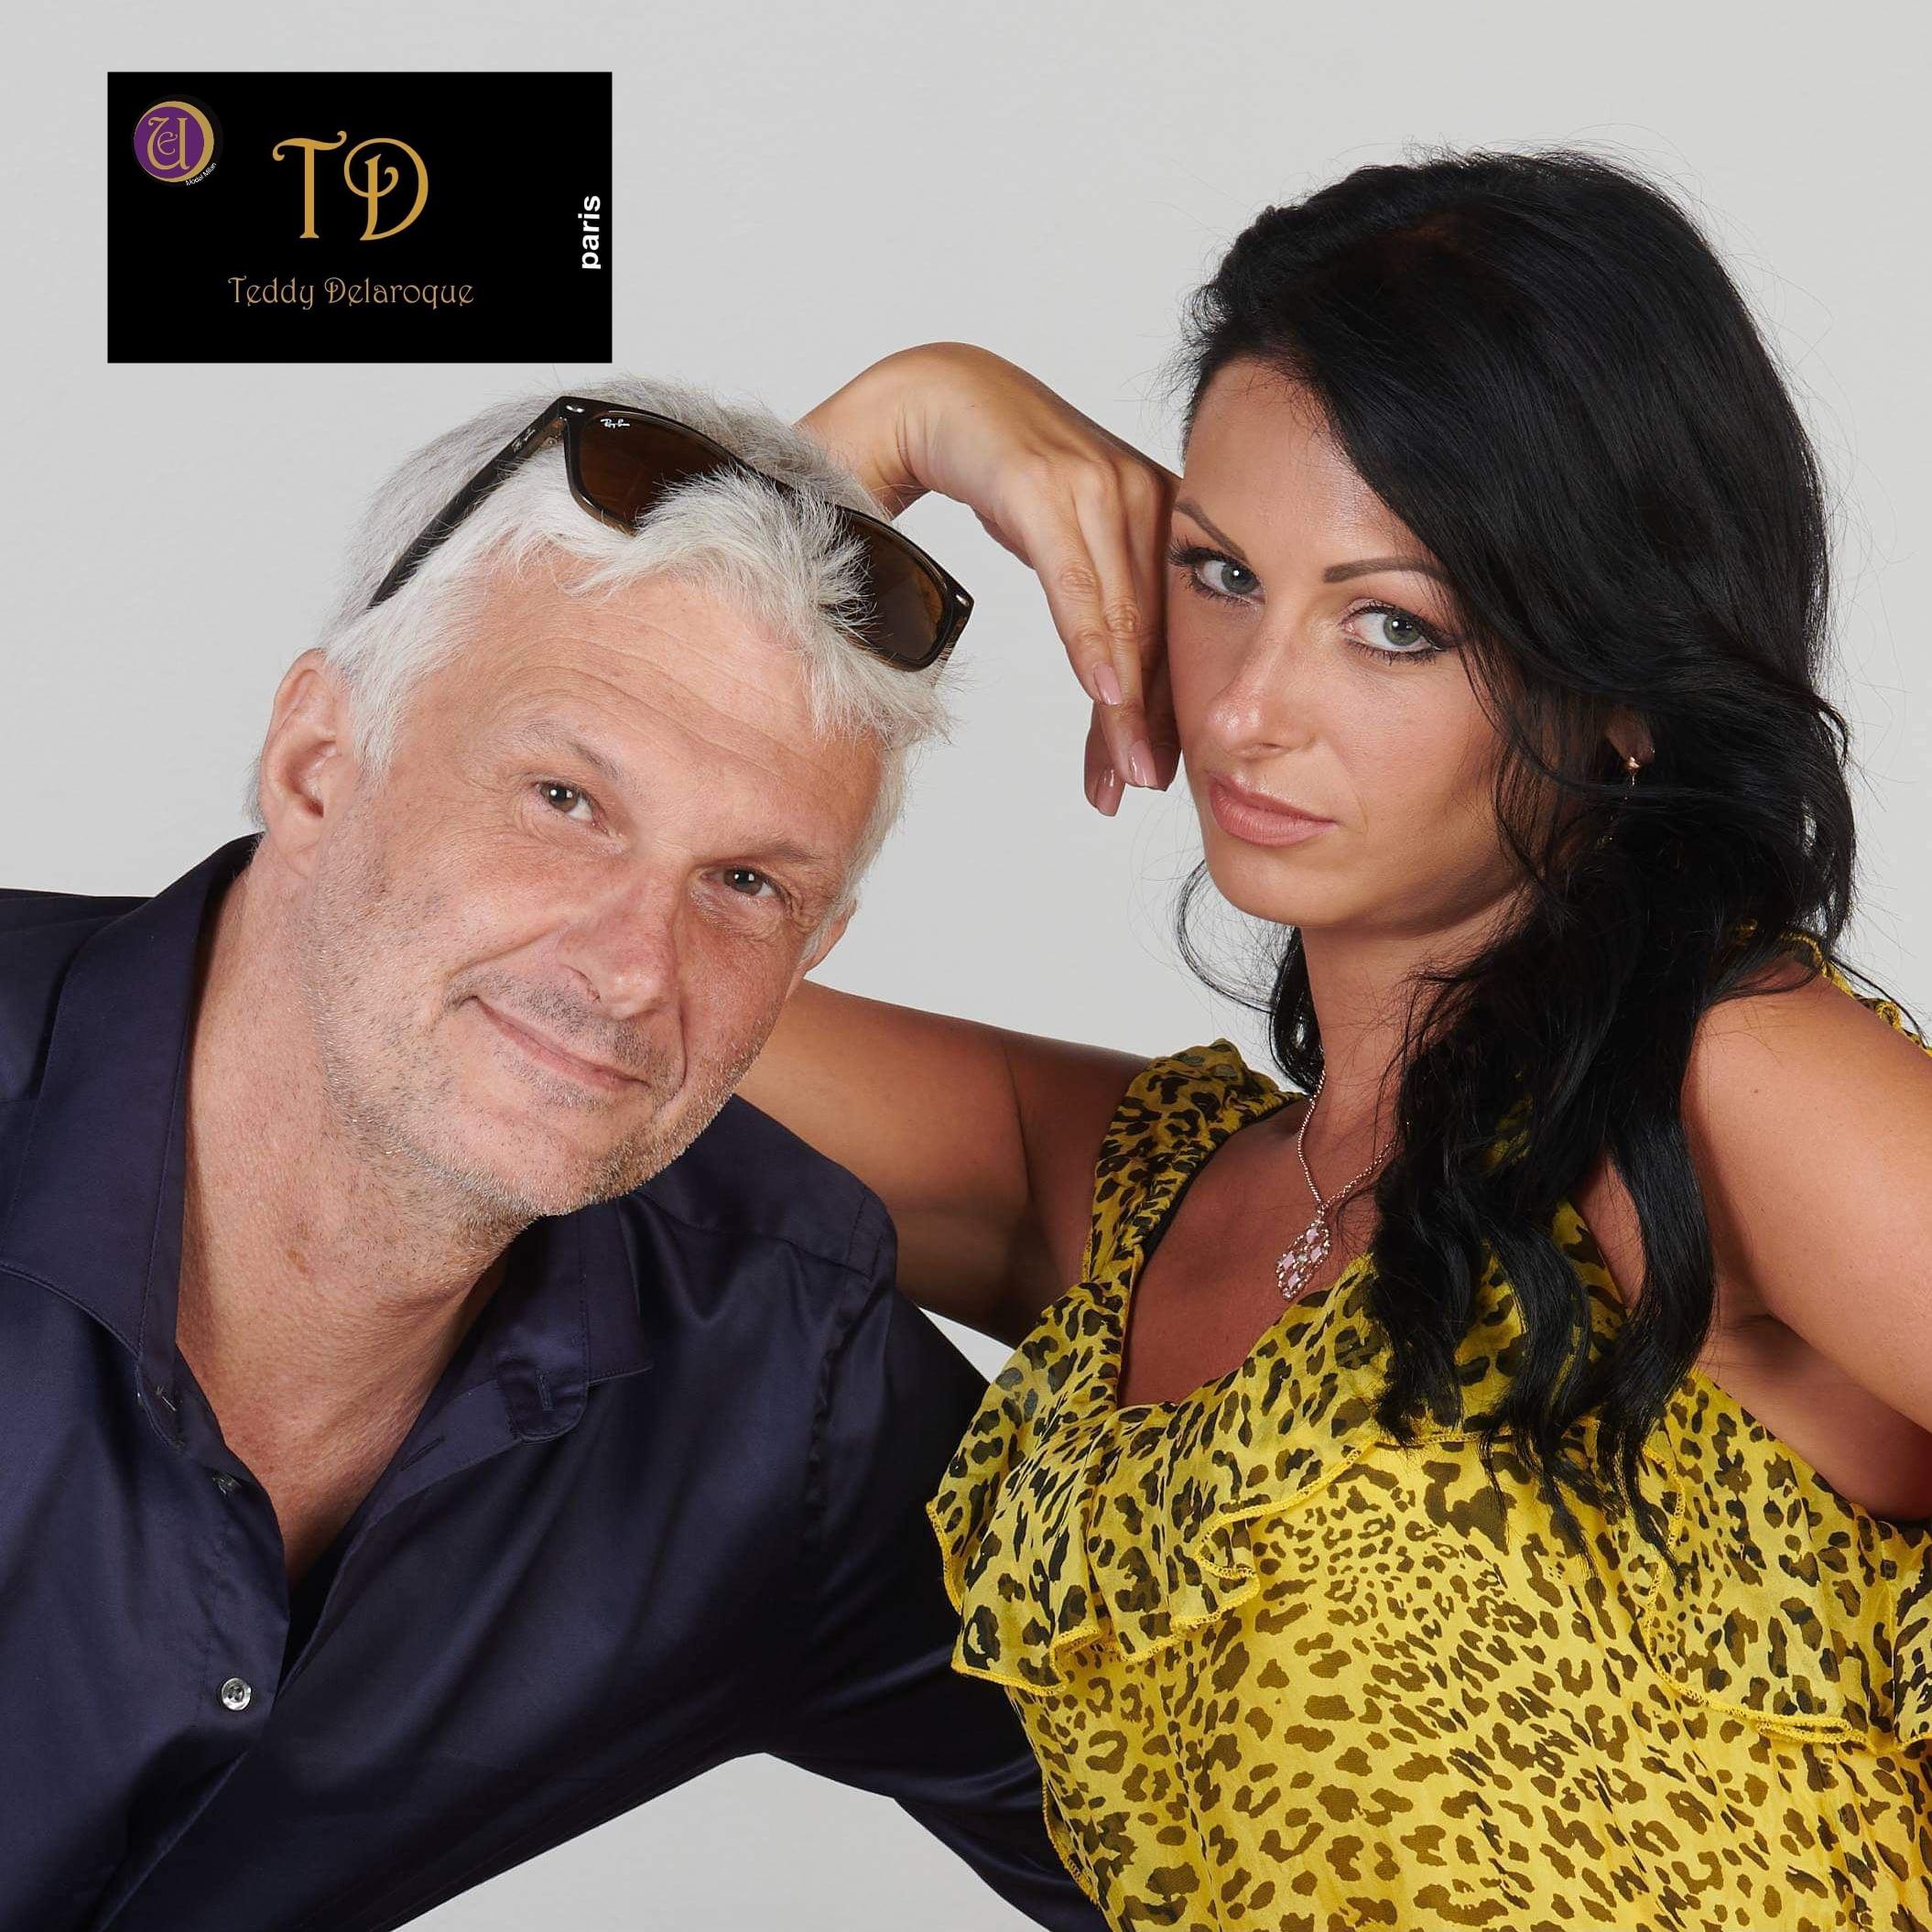 Eva avec Teddy Delaroque